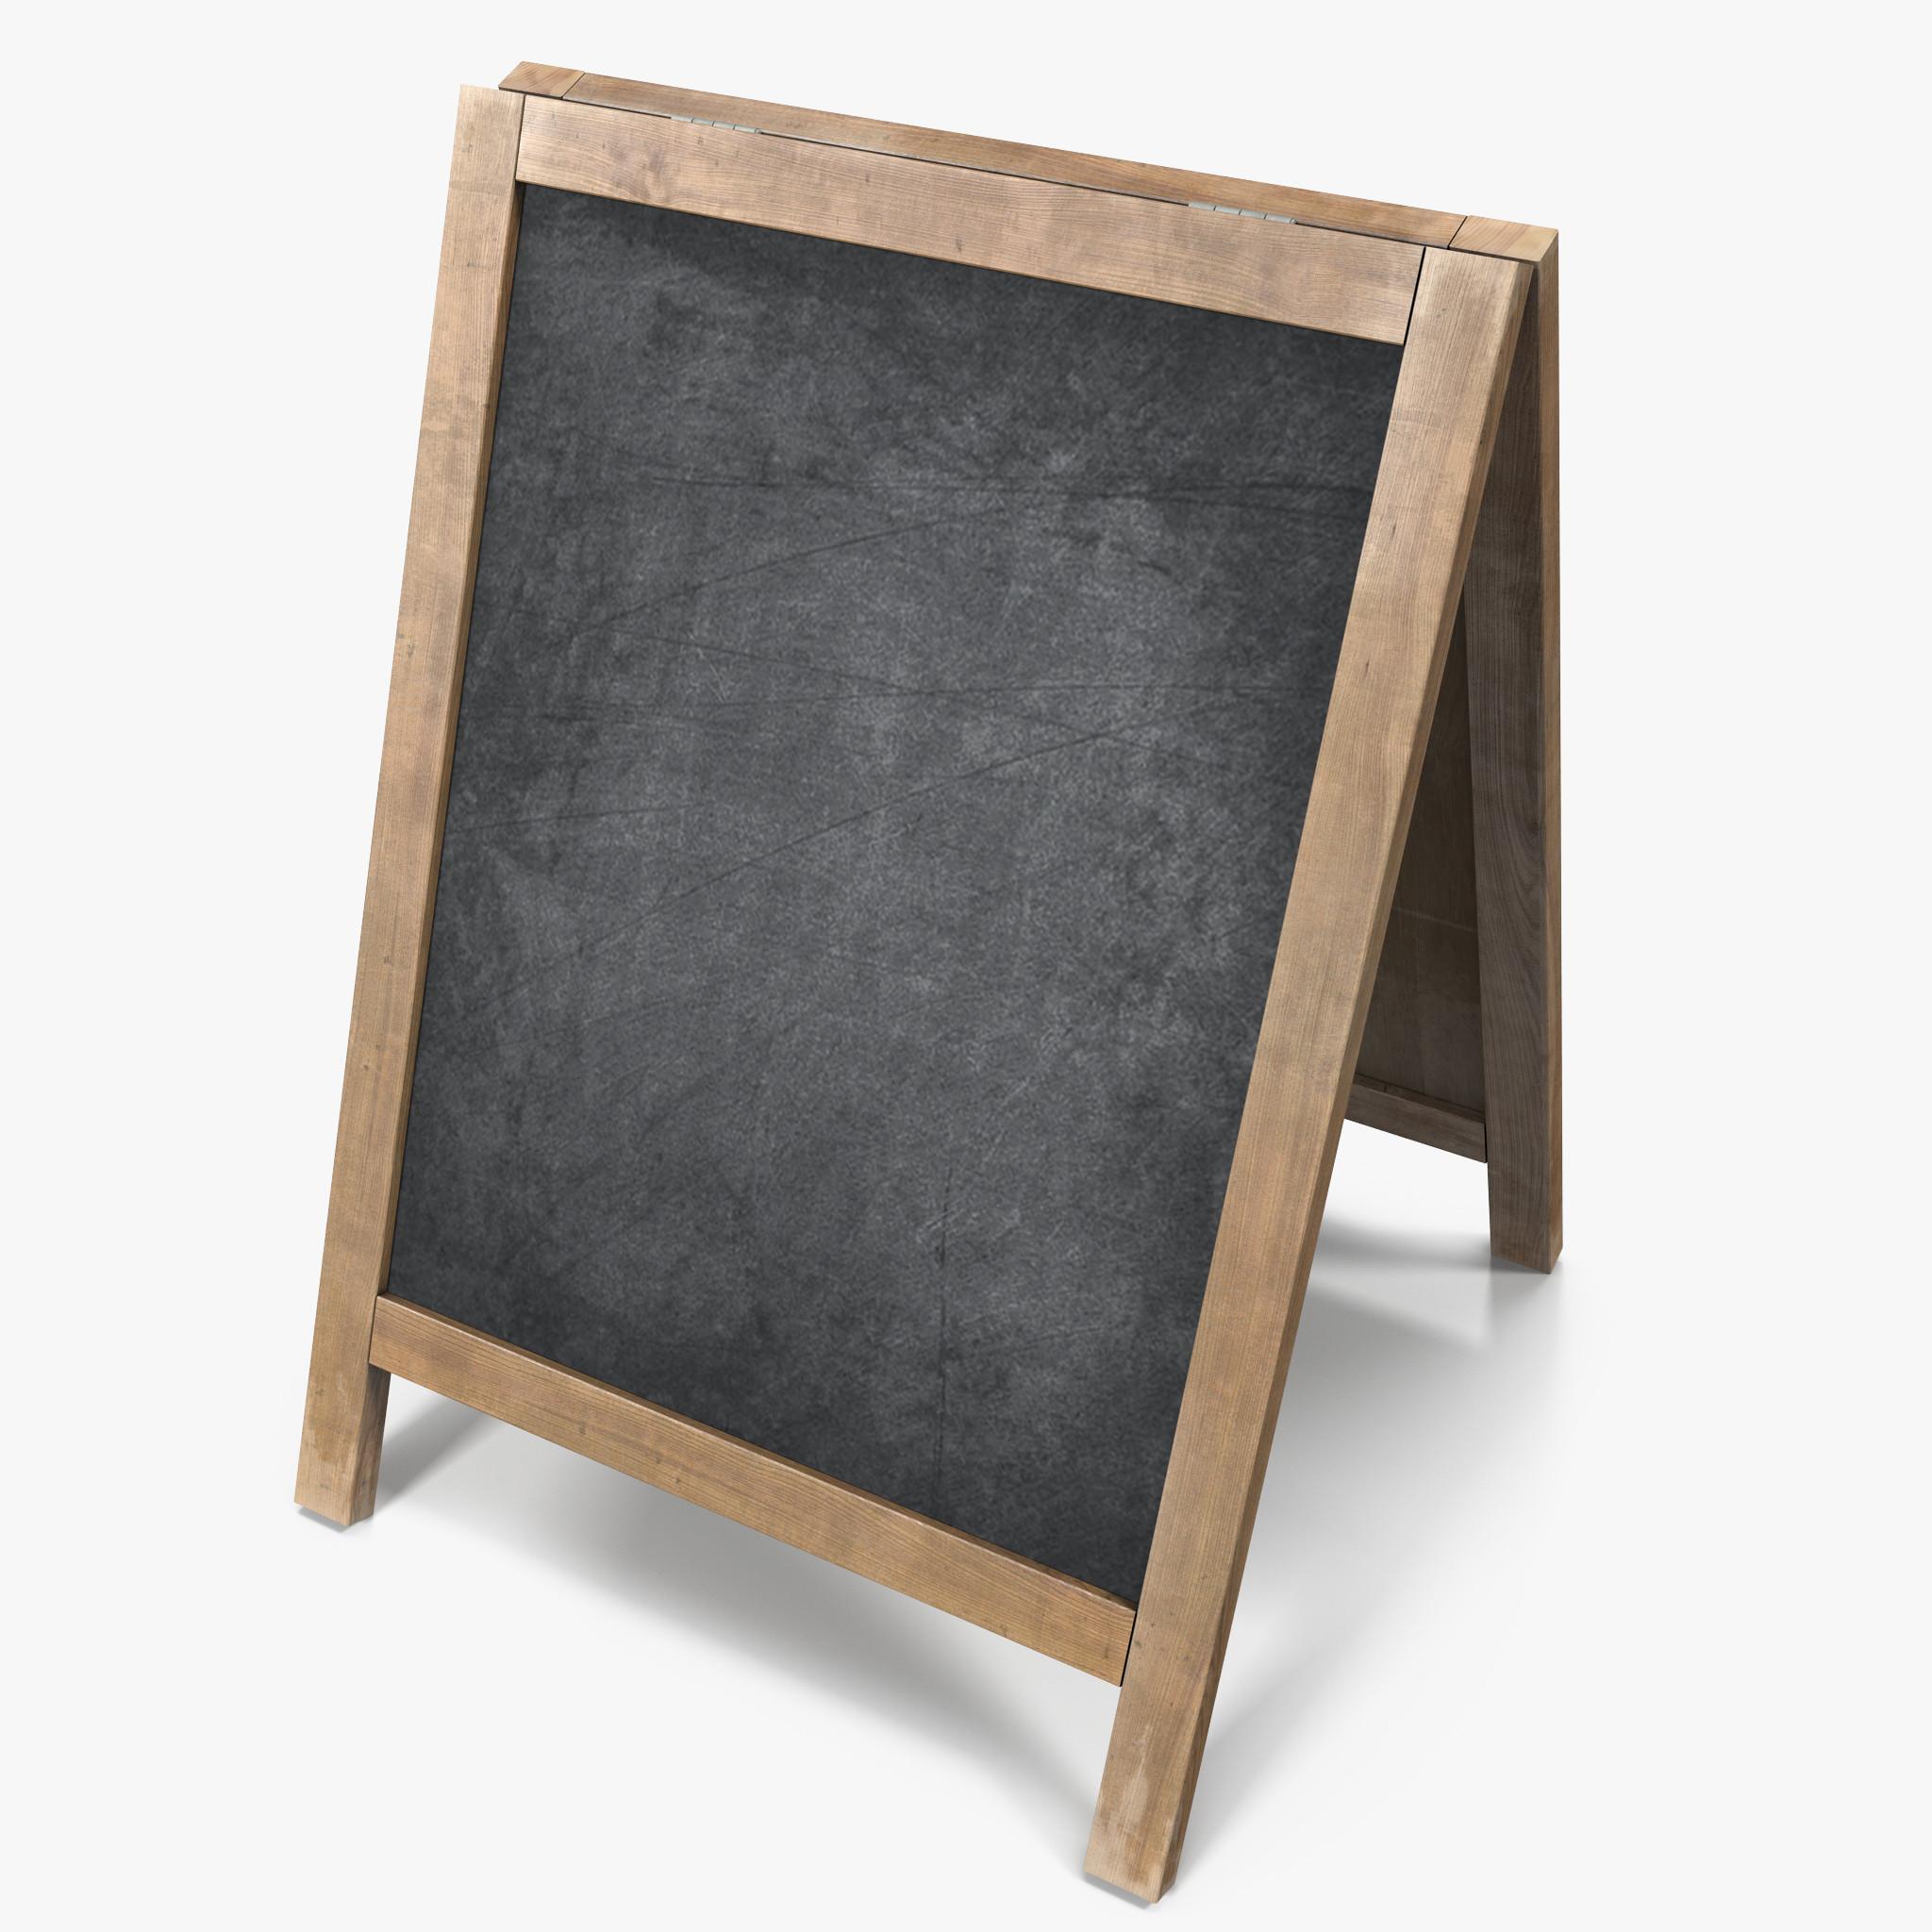 Chalkboard_00.jpg